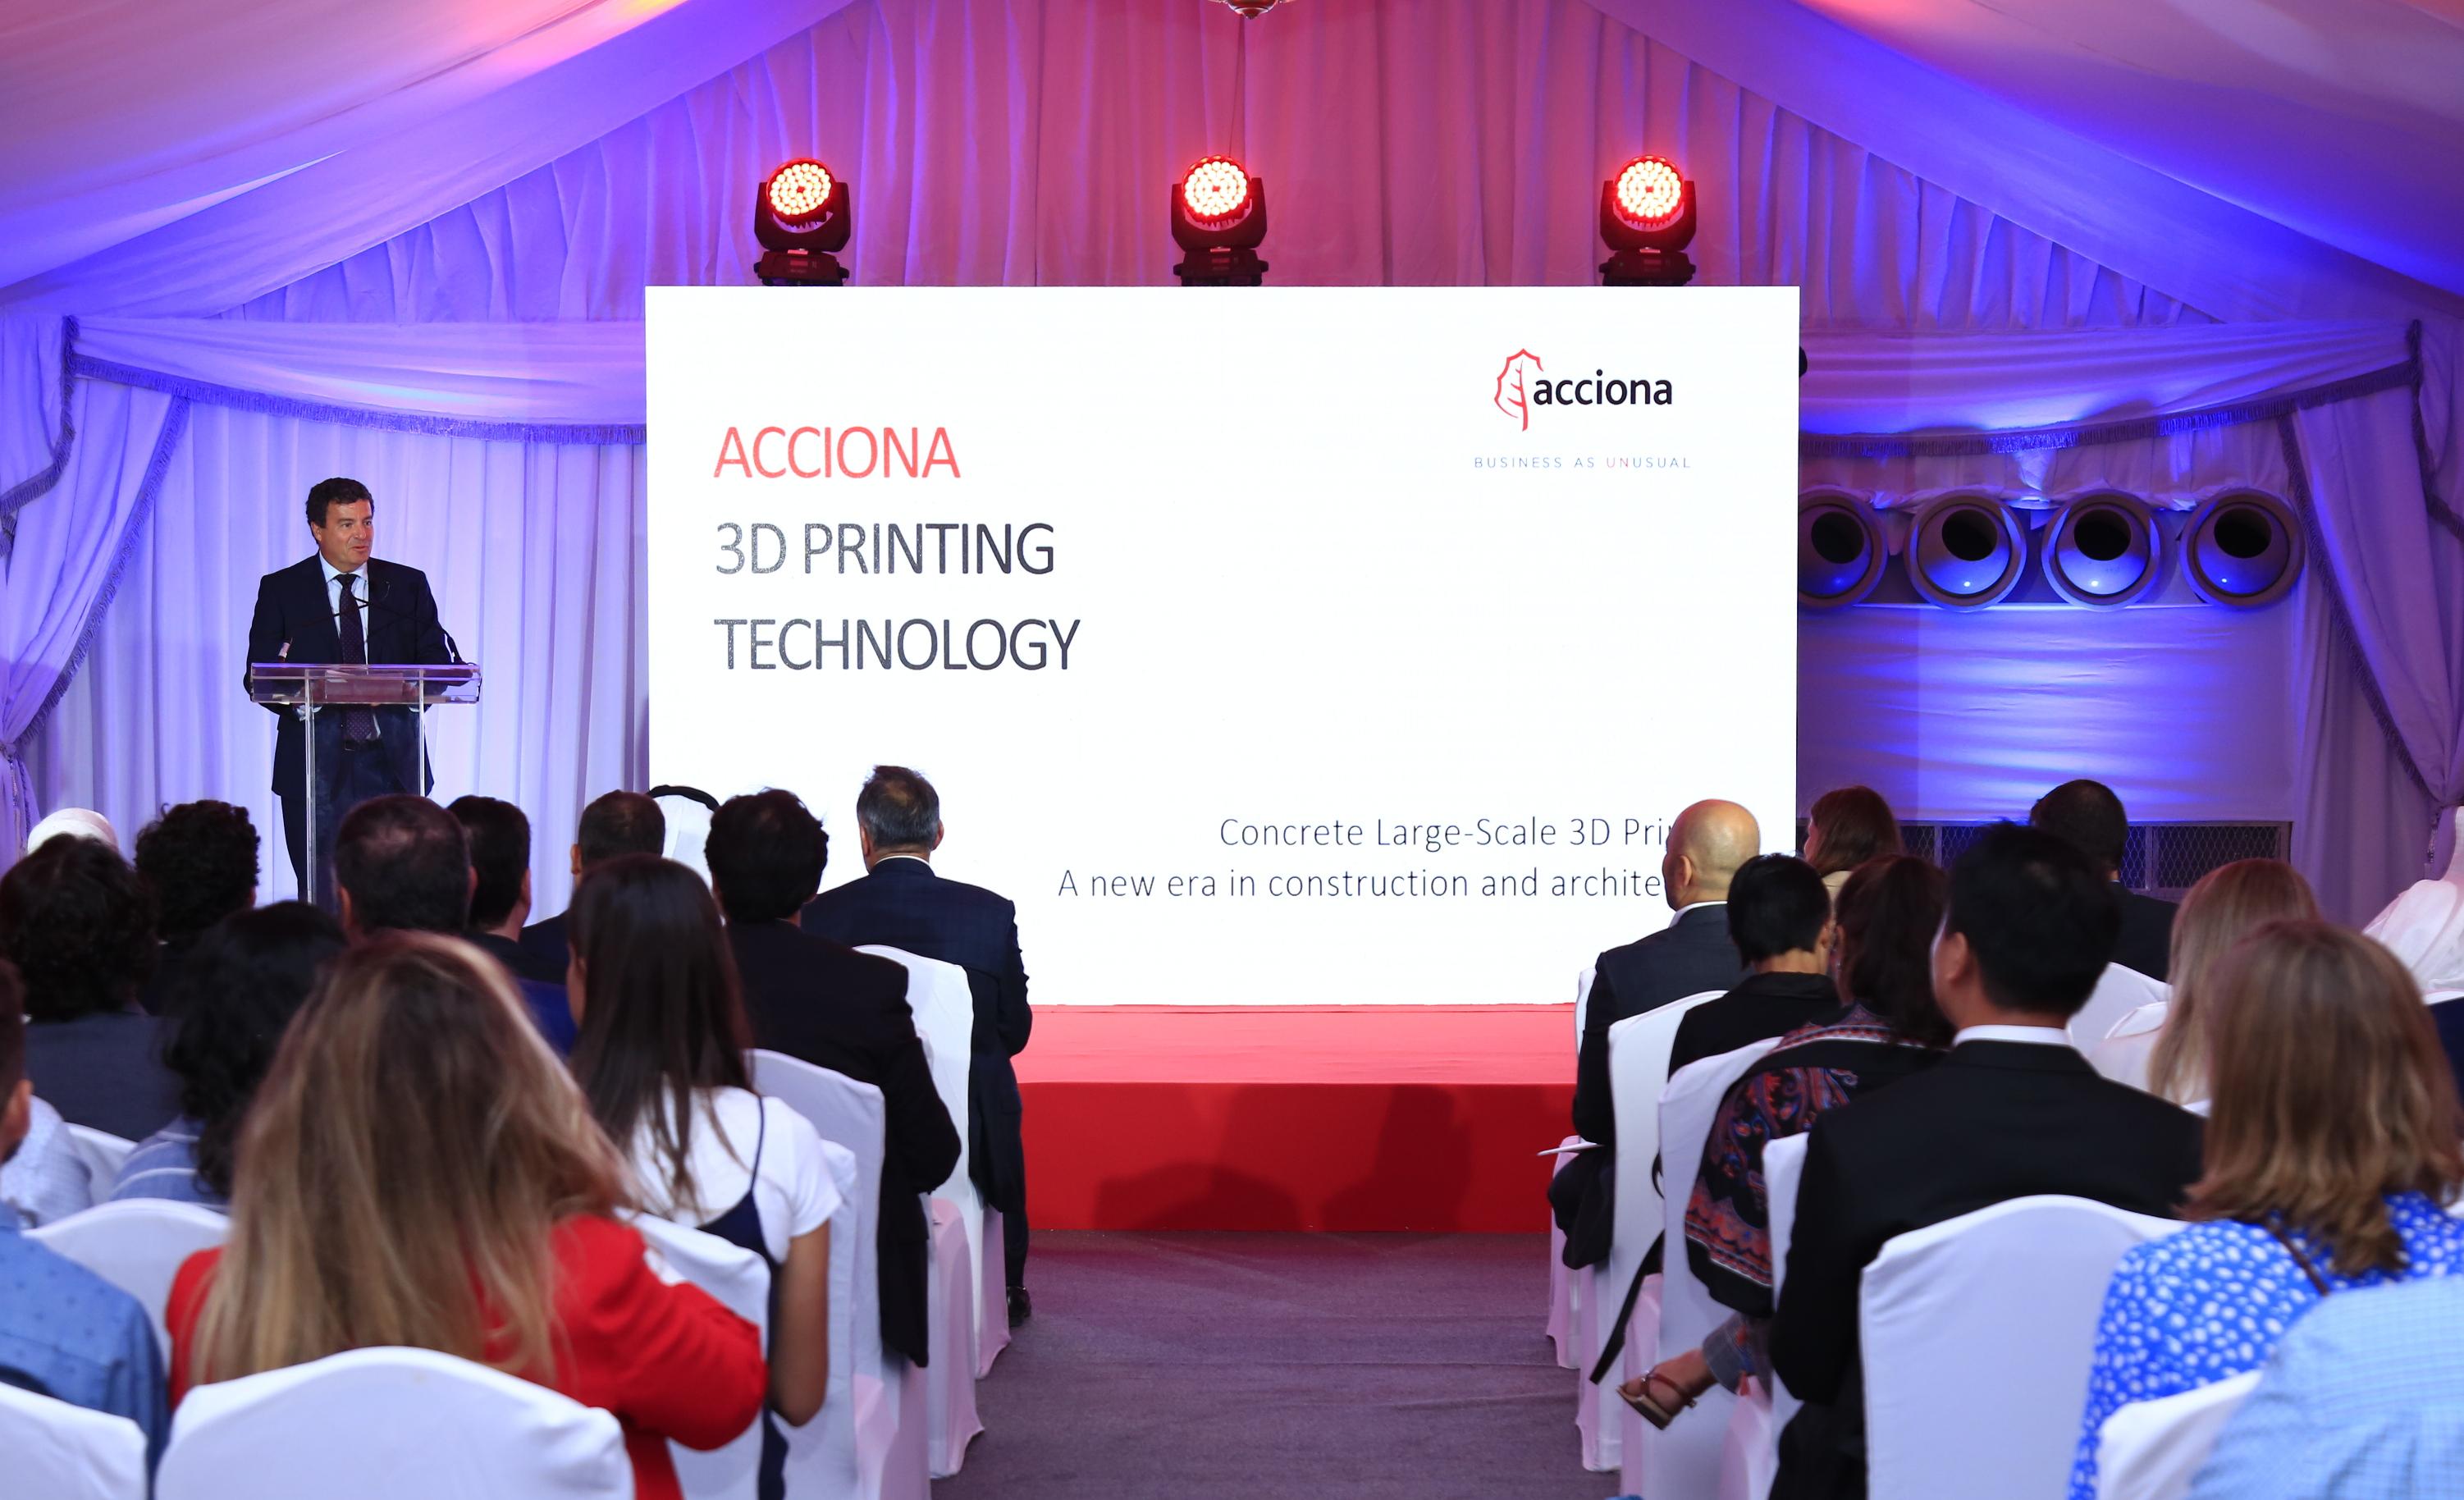 Acciona apuesta por Dubái para implantar la impresión 3D en la edificación